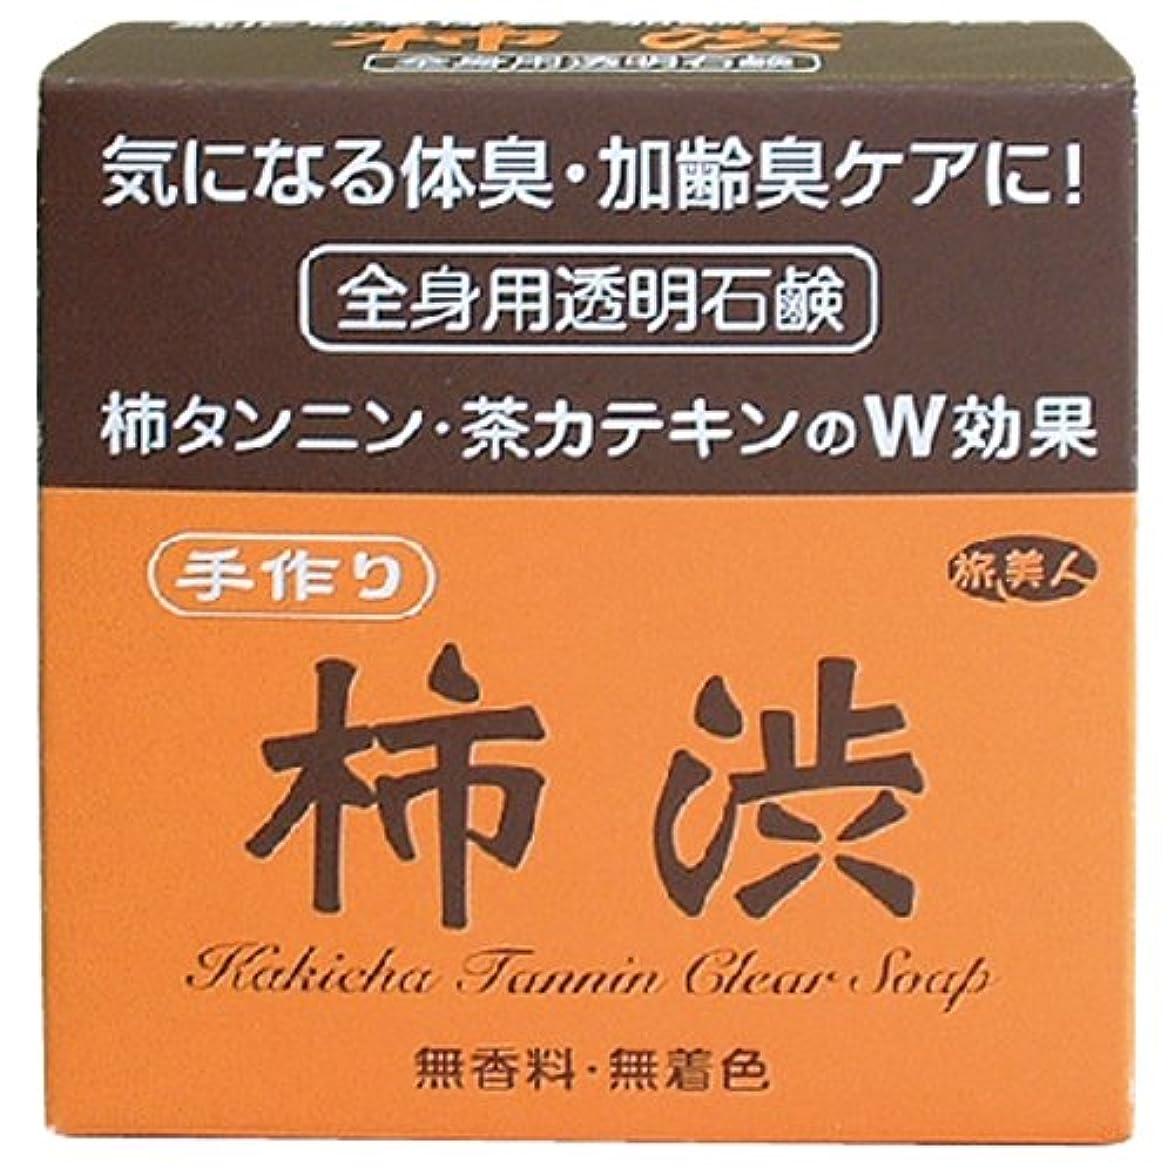 作るストラップ満了気になる体臭?加齢臭ケアに アズマ商事の手作り柿渋透明石鹸